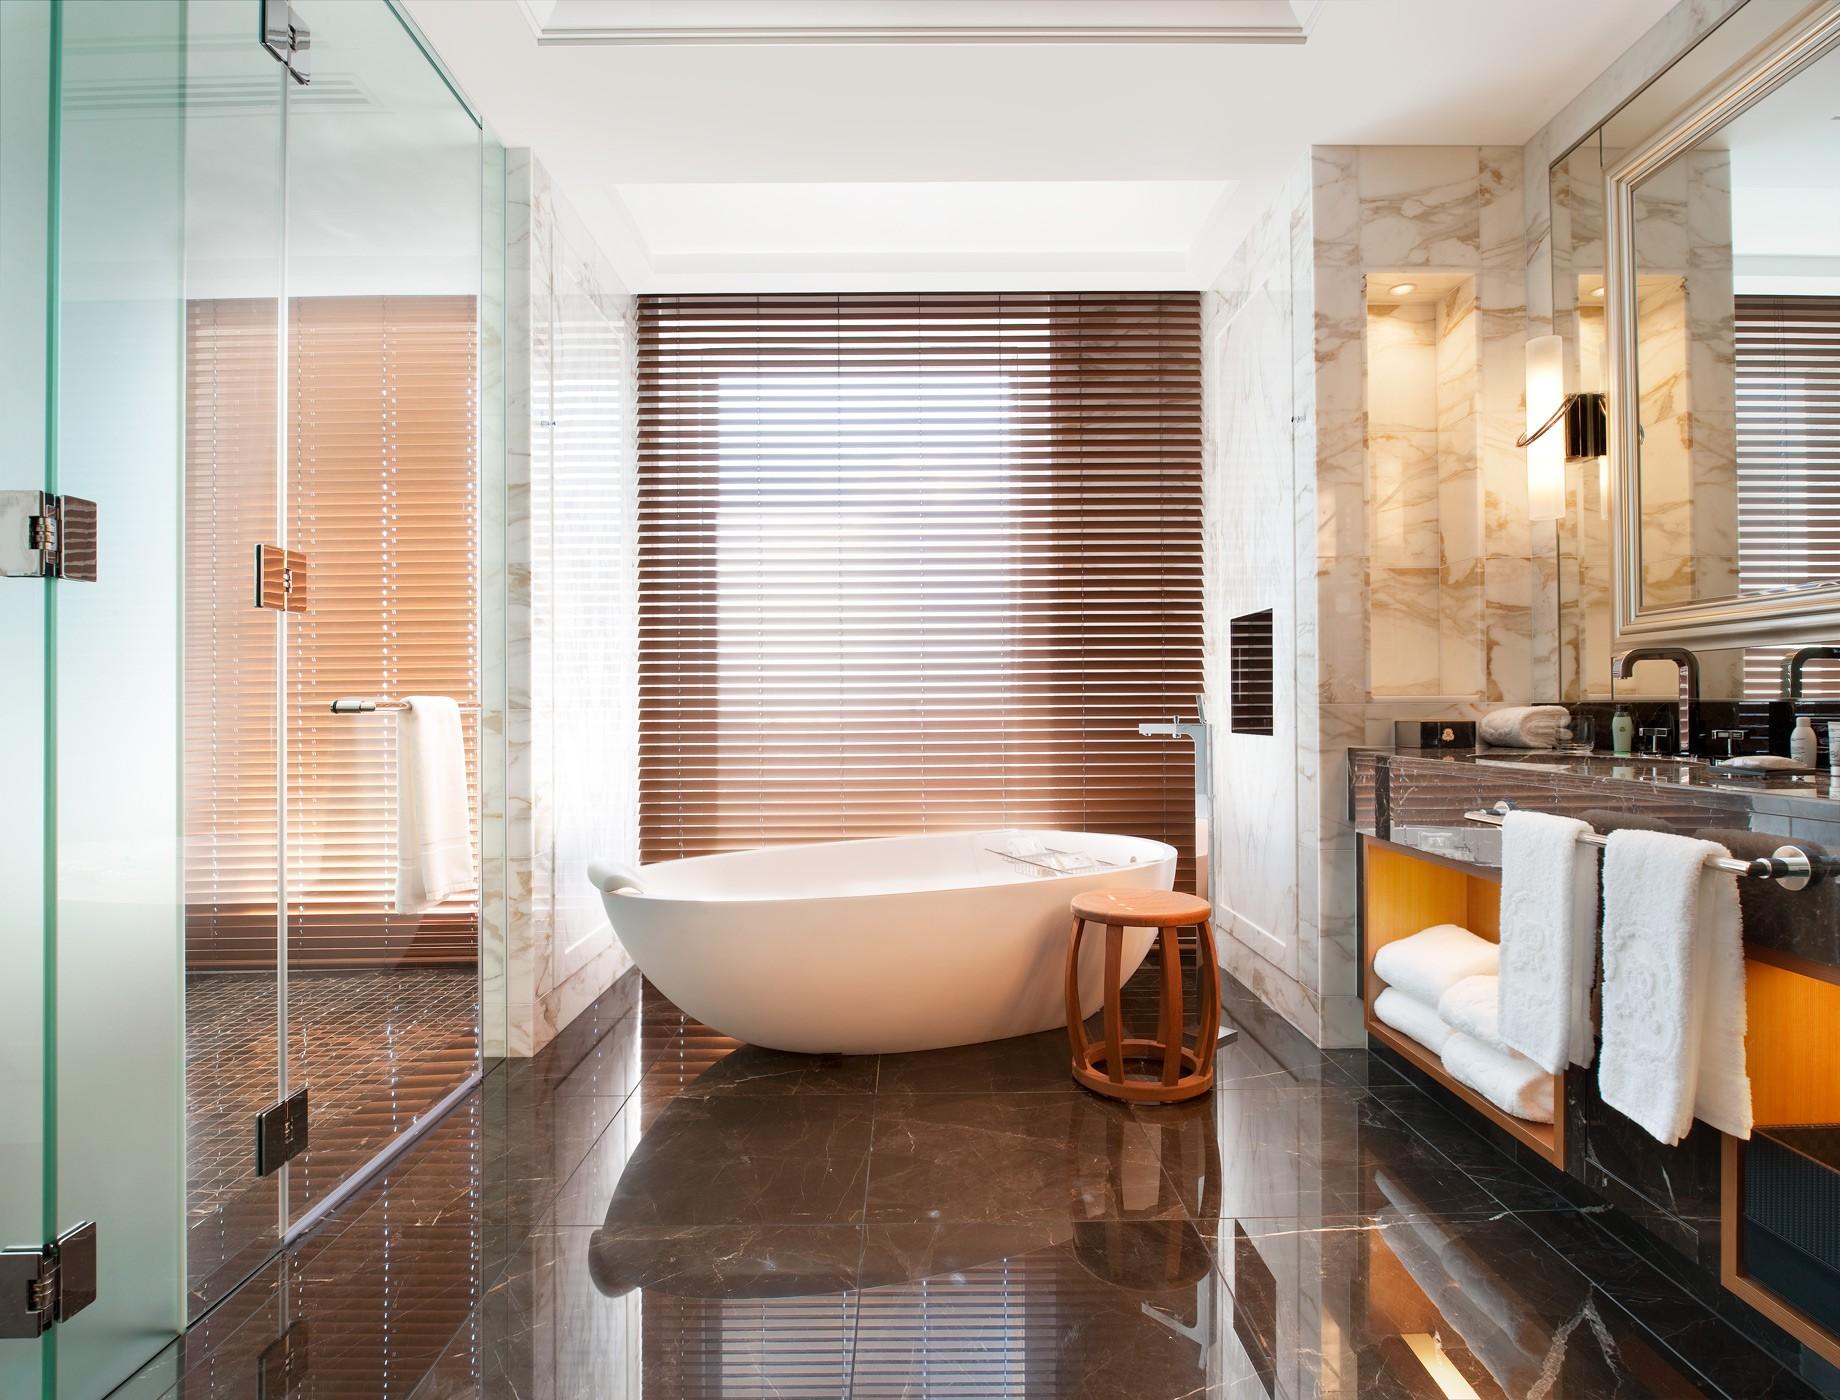 str3198gb-94442-Royal-Suite—Bathroom